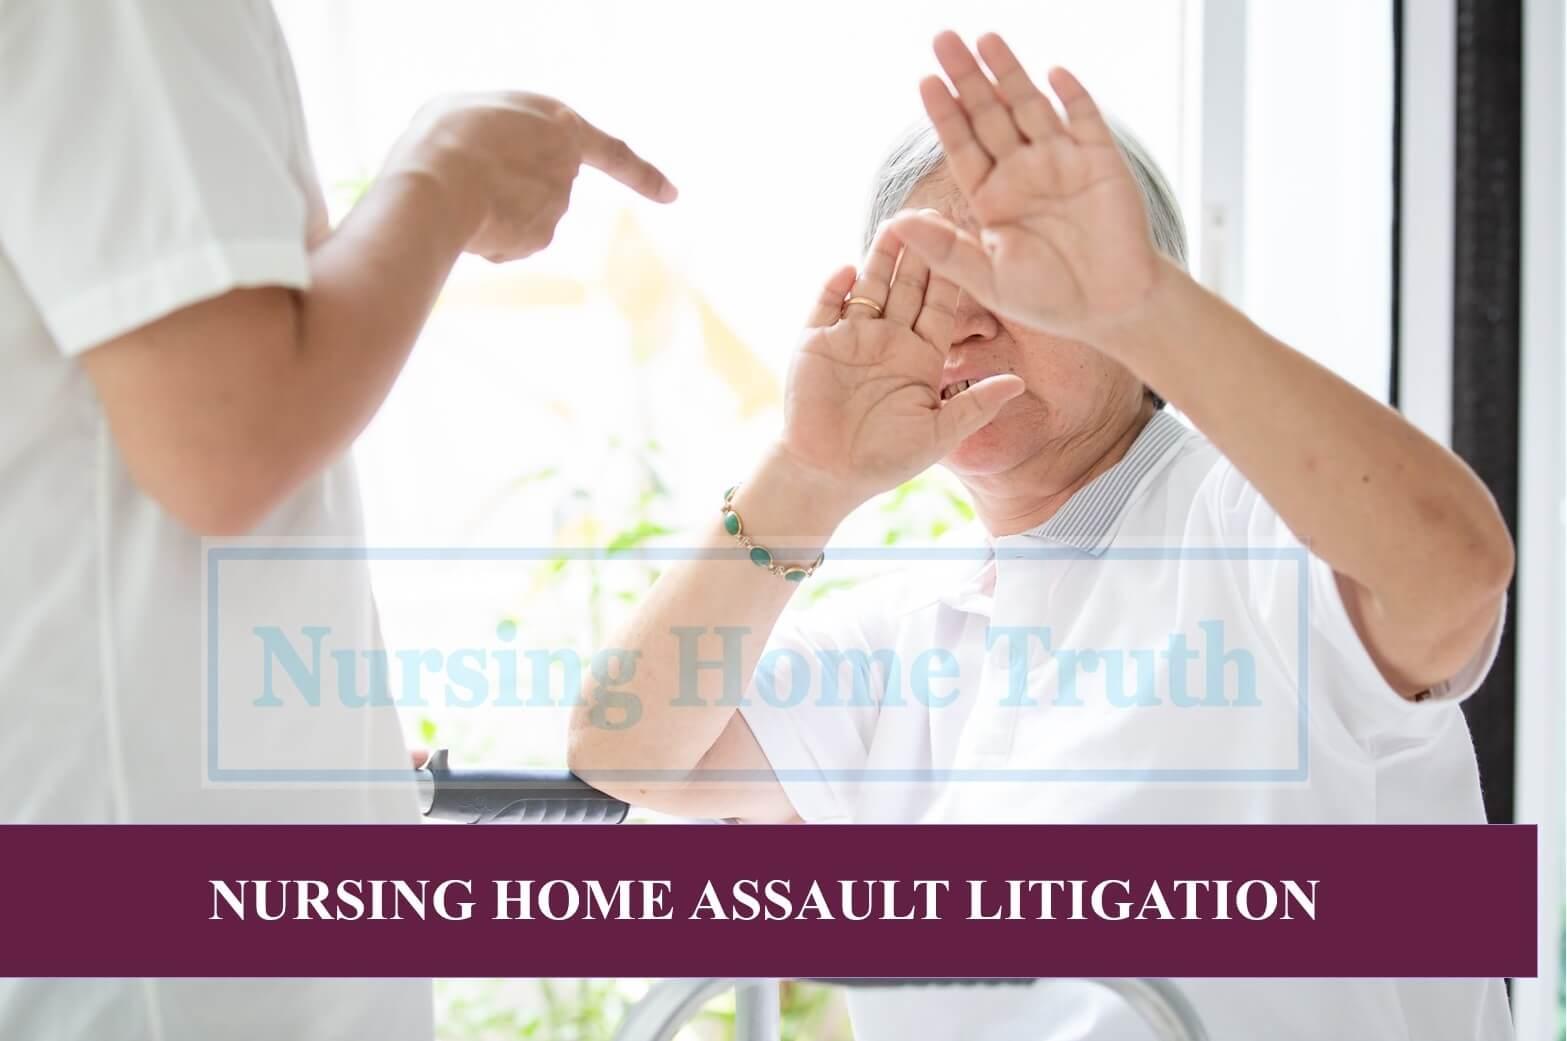 Nursing home assaults